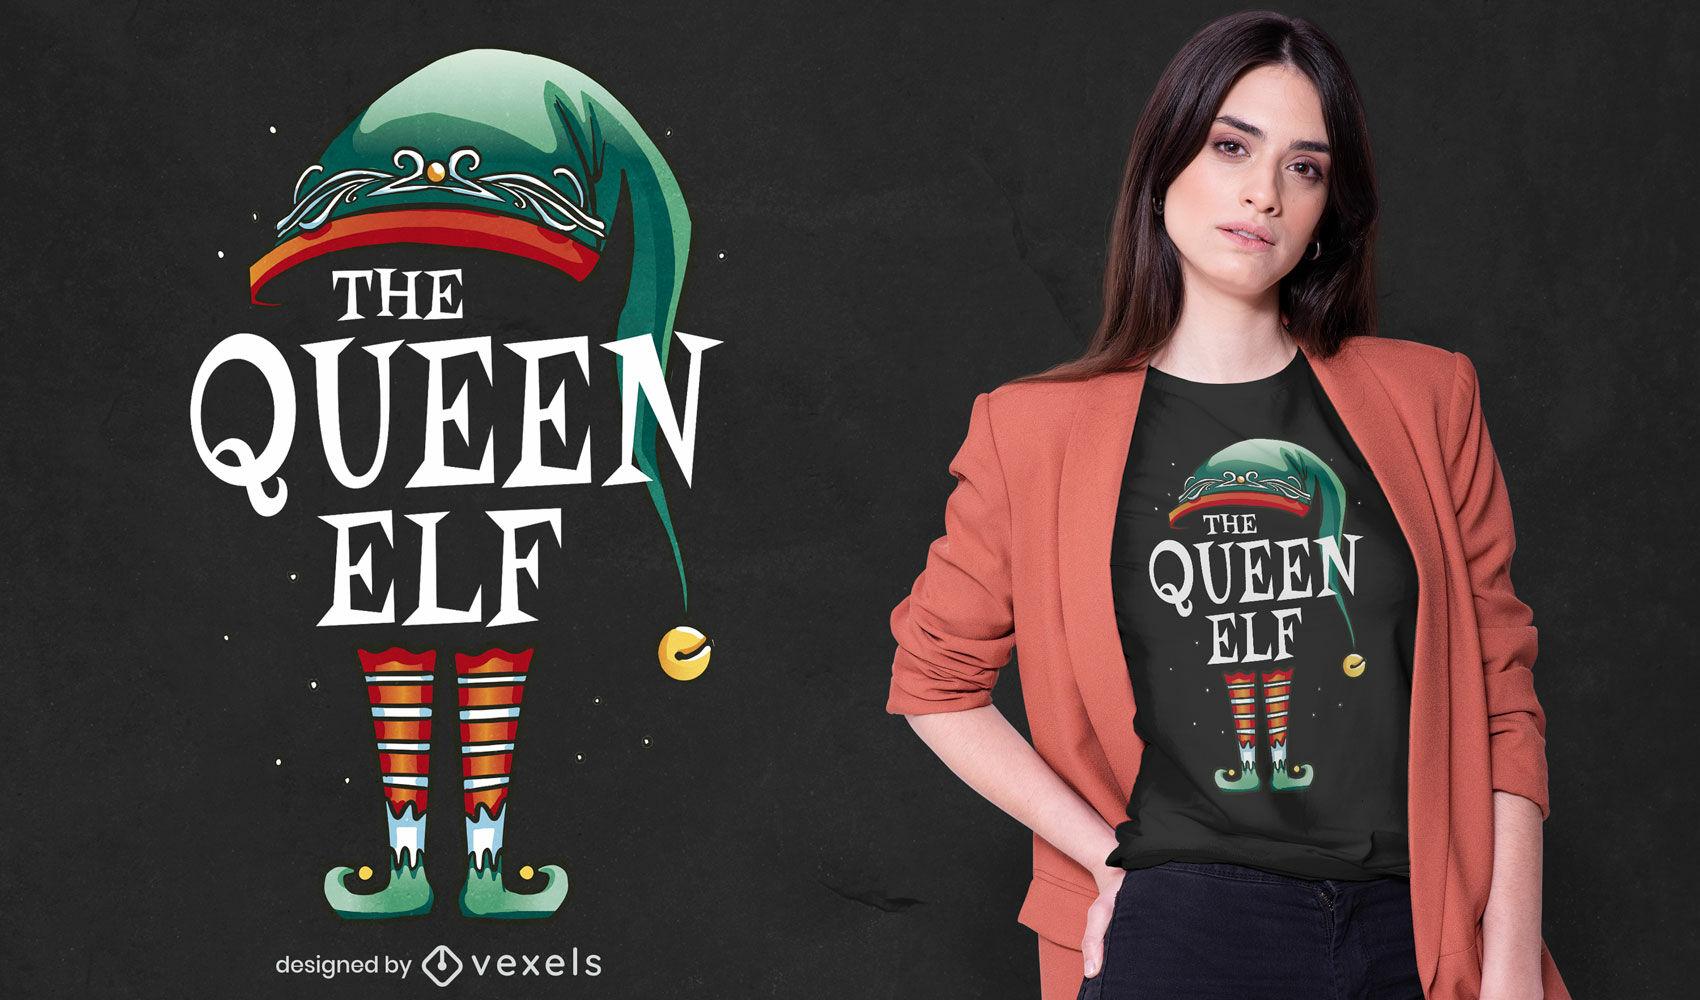 Festive queen elf t-shirt design